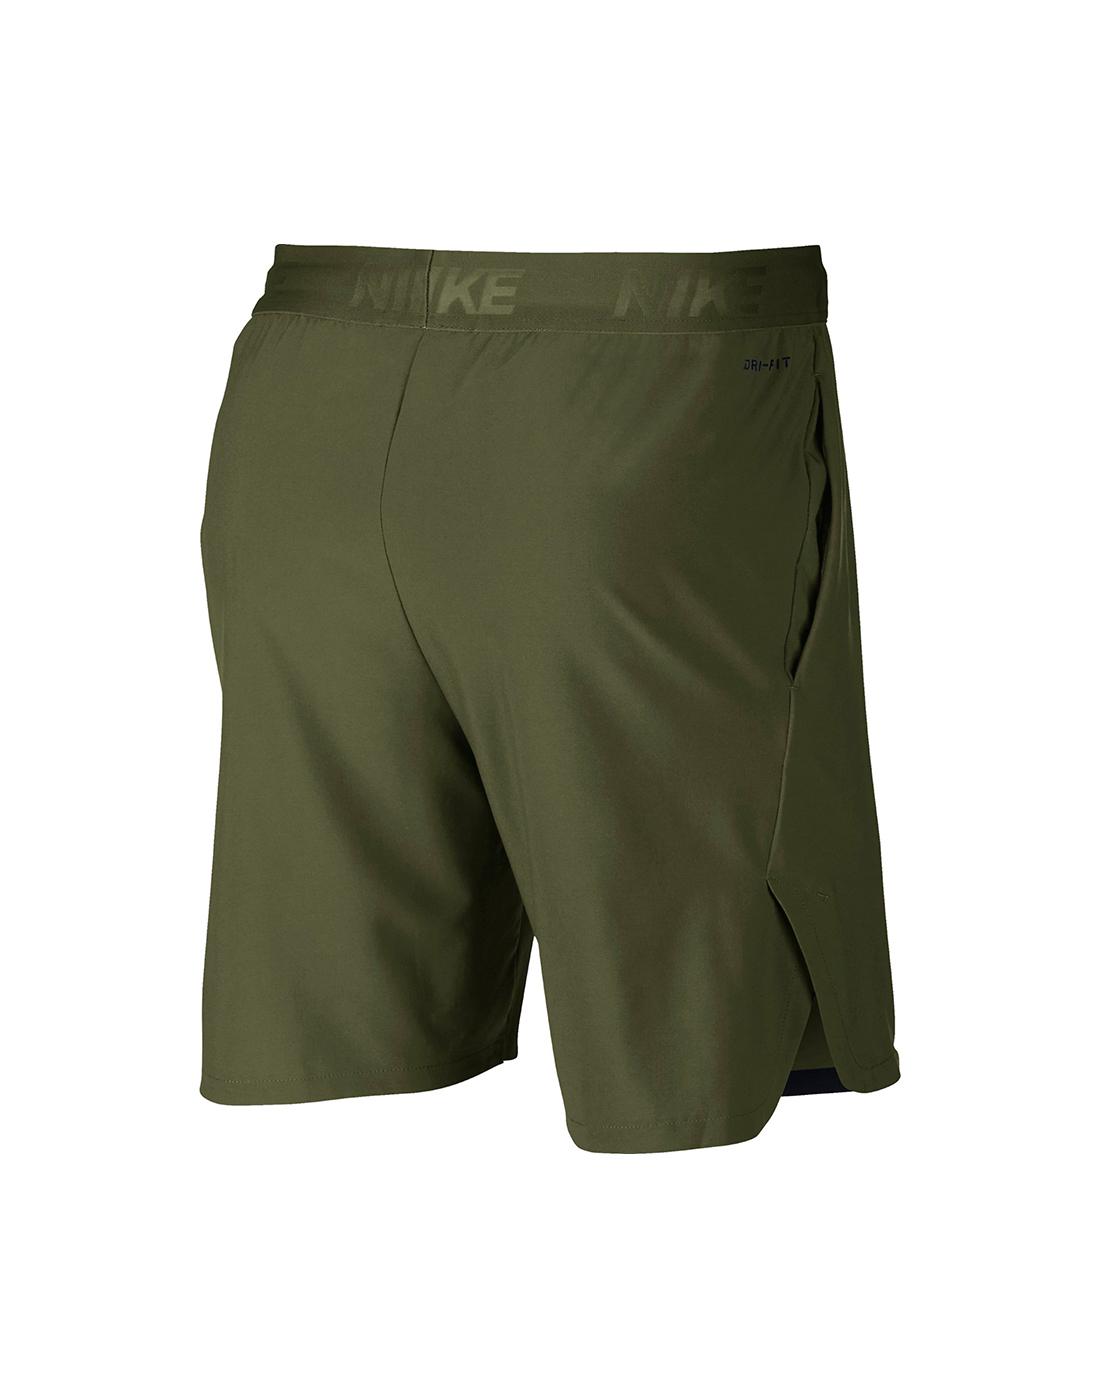 99f01a622aabd Mens Flex Short 2.0 · Mens Flex Short 2.0. FOR GYM